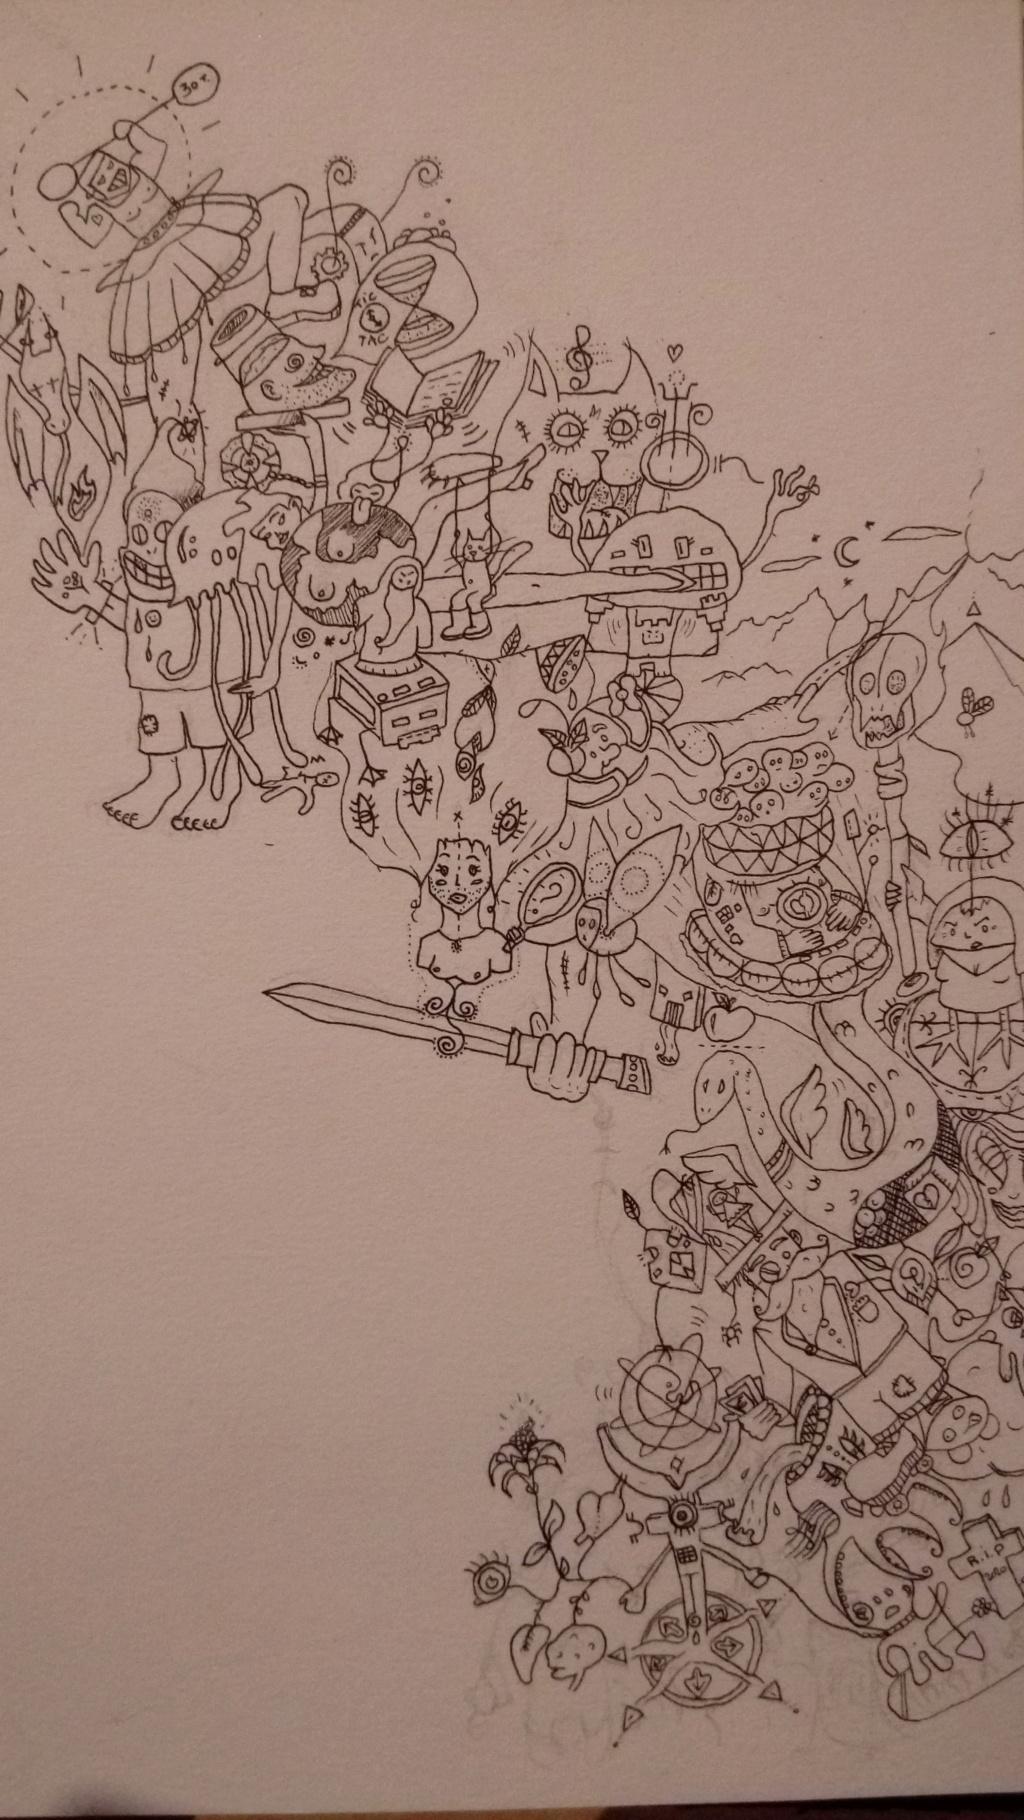 Un dessin par jour, qui veut jouer? - Page 18 Img-2012